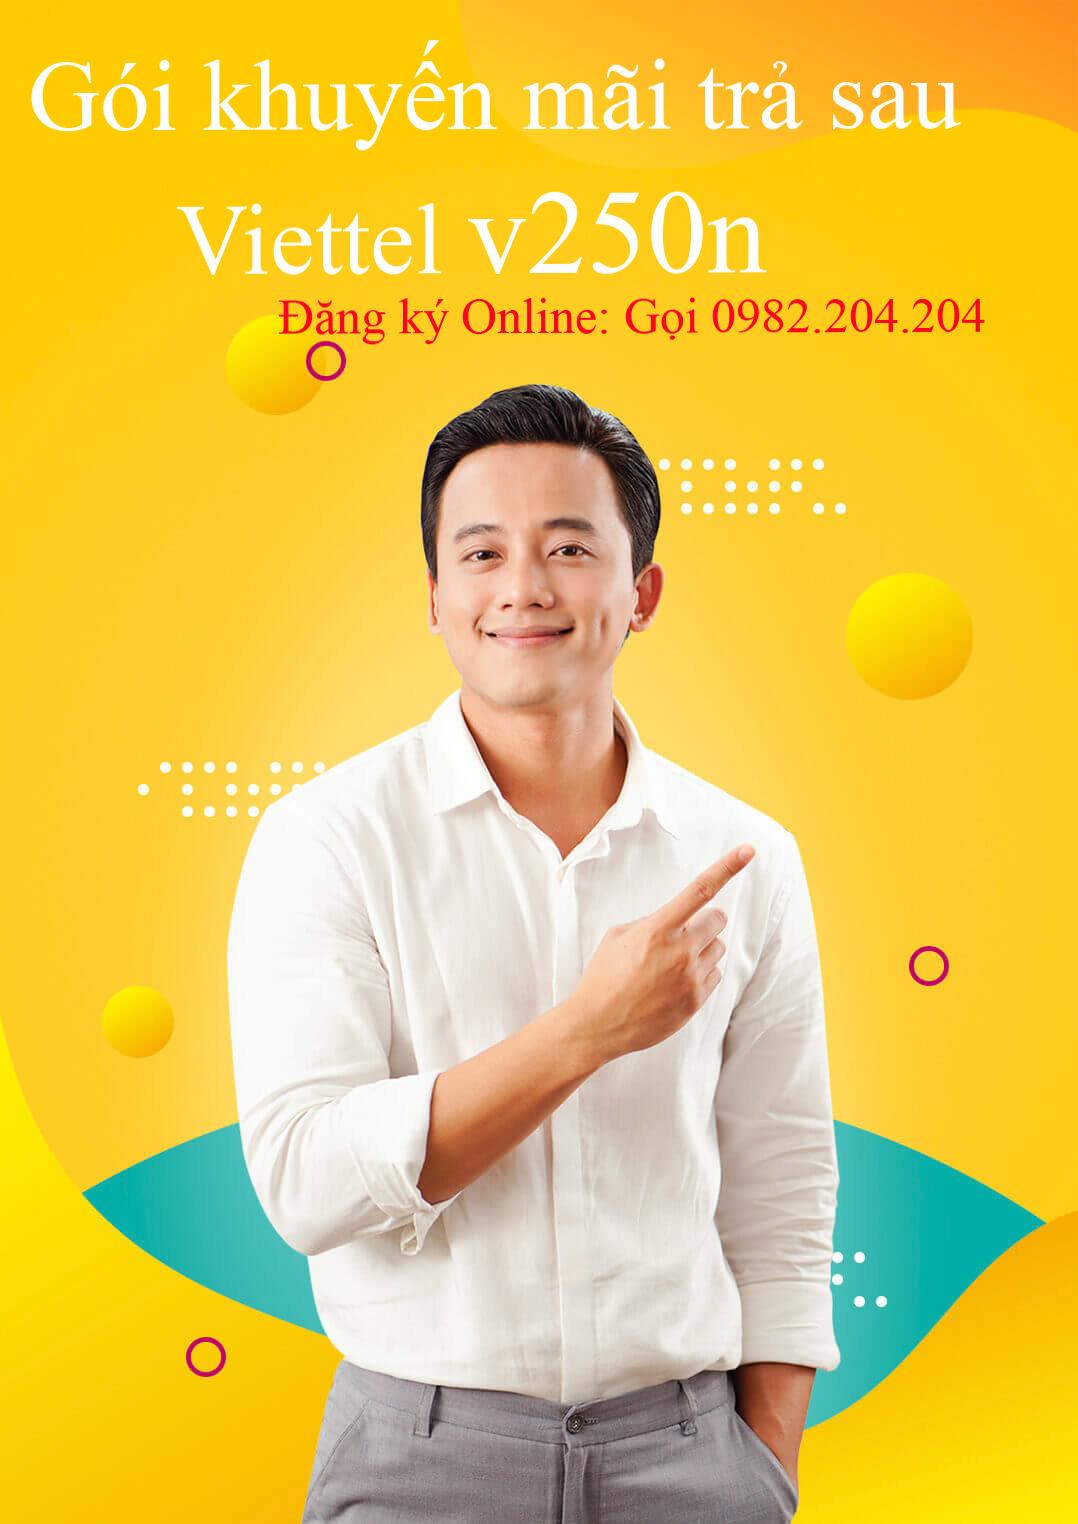 Gói cước khuyến mãi trả sau Viettel V250N 2021